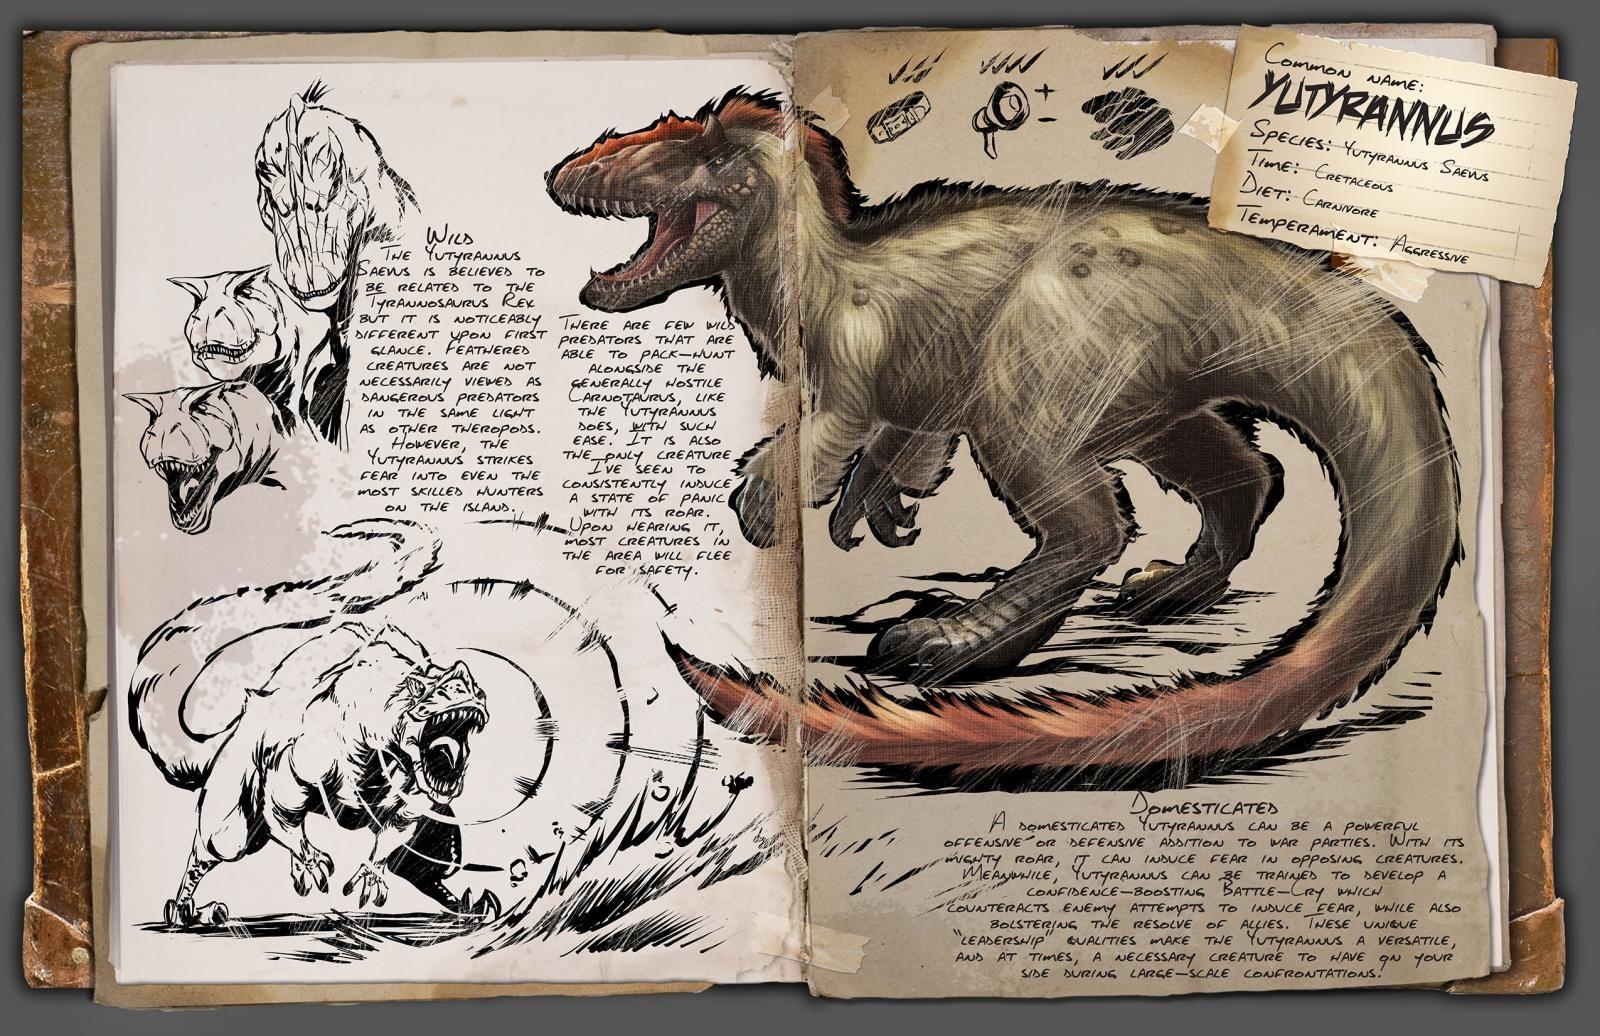 креста картинки досье динозавров из арк оригинале человечка